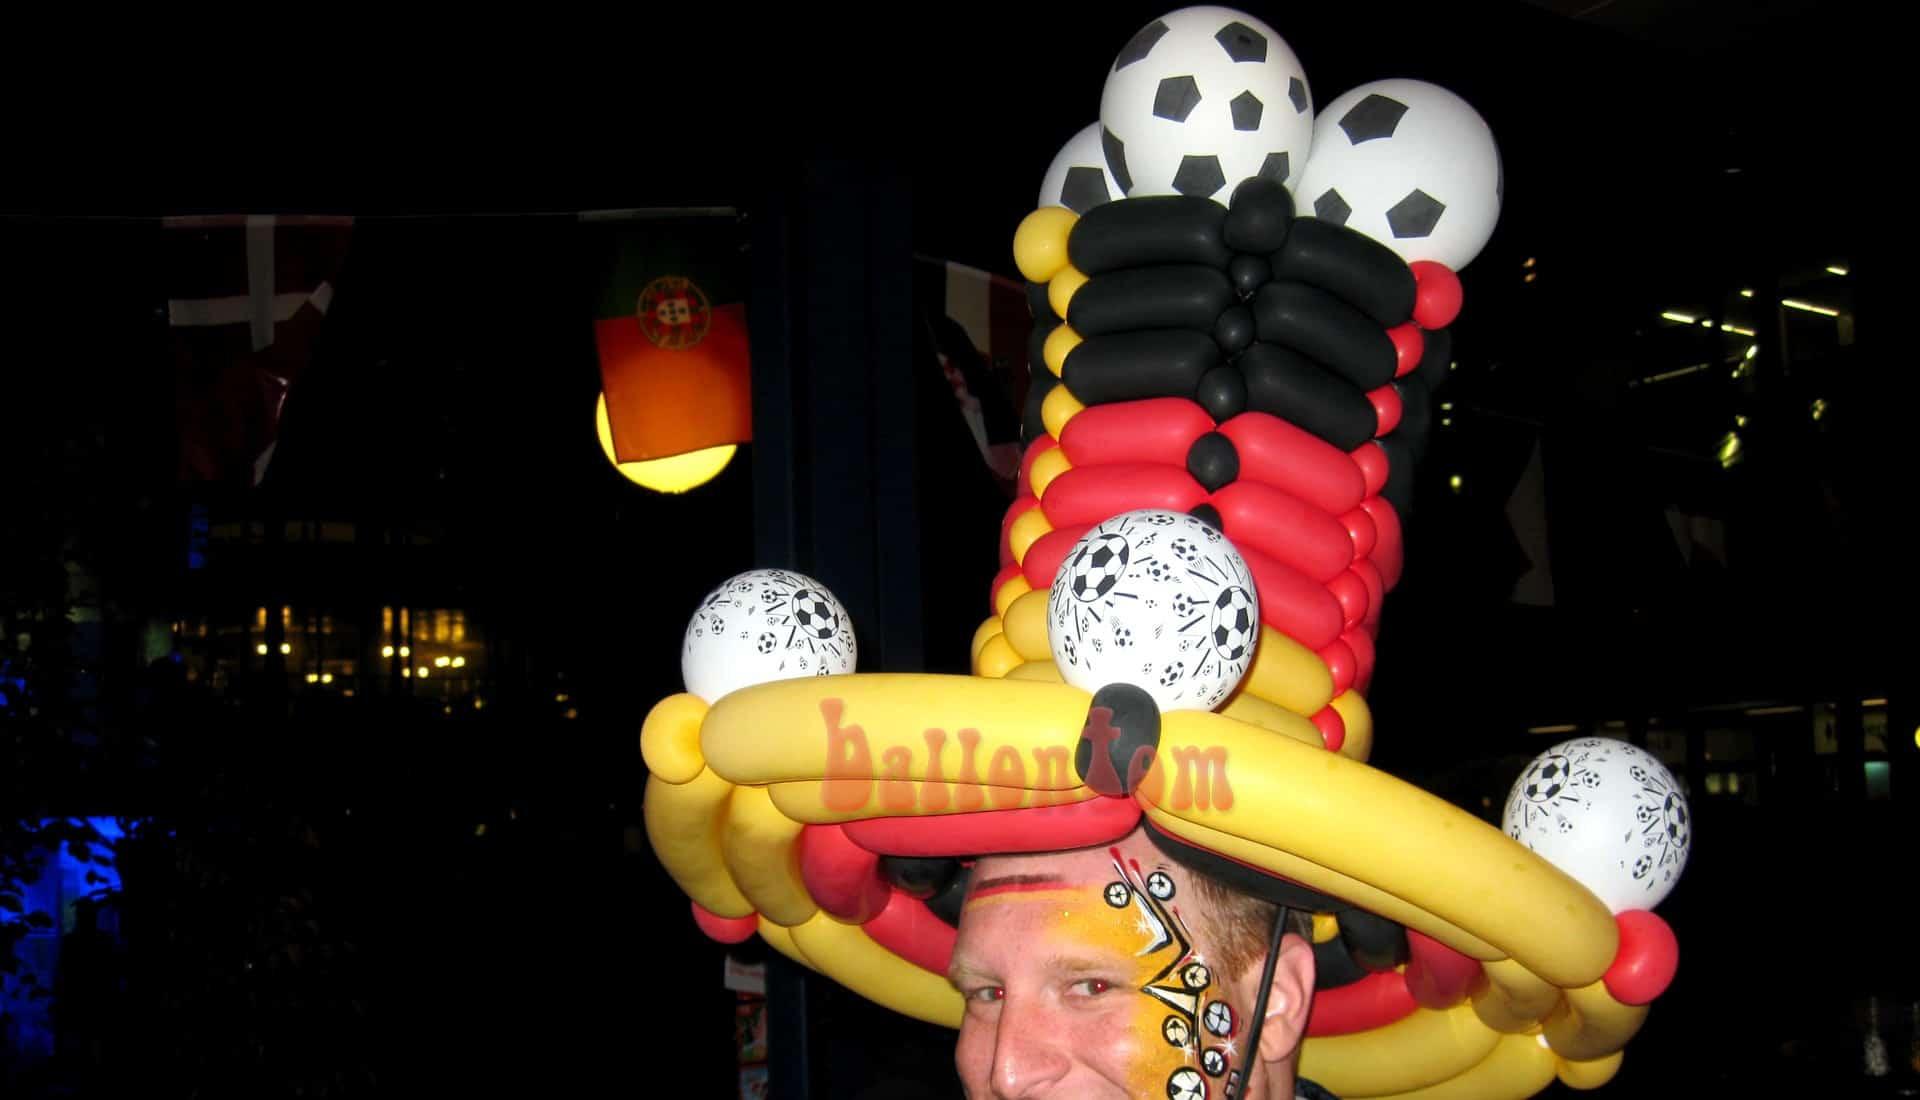 Ballonfanmodellage in München mit Ballonkünstler ballontom